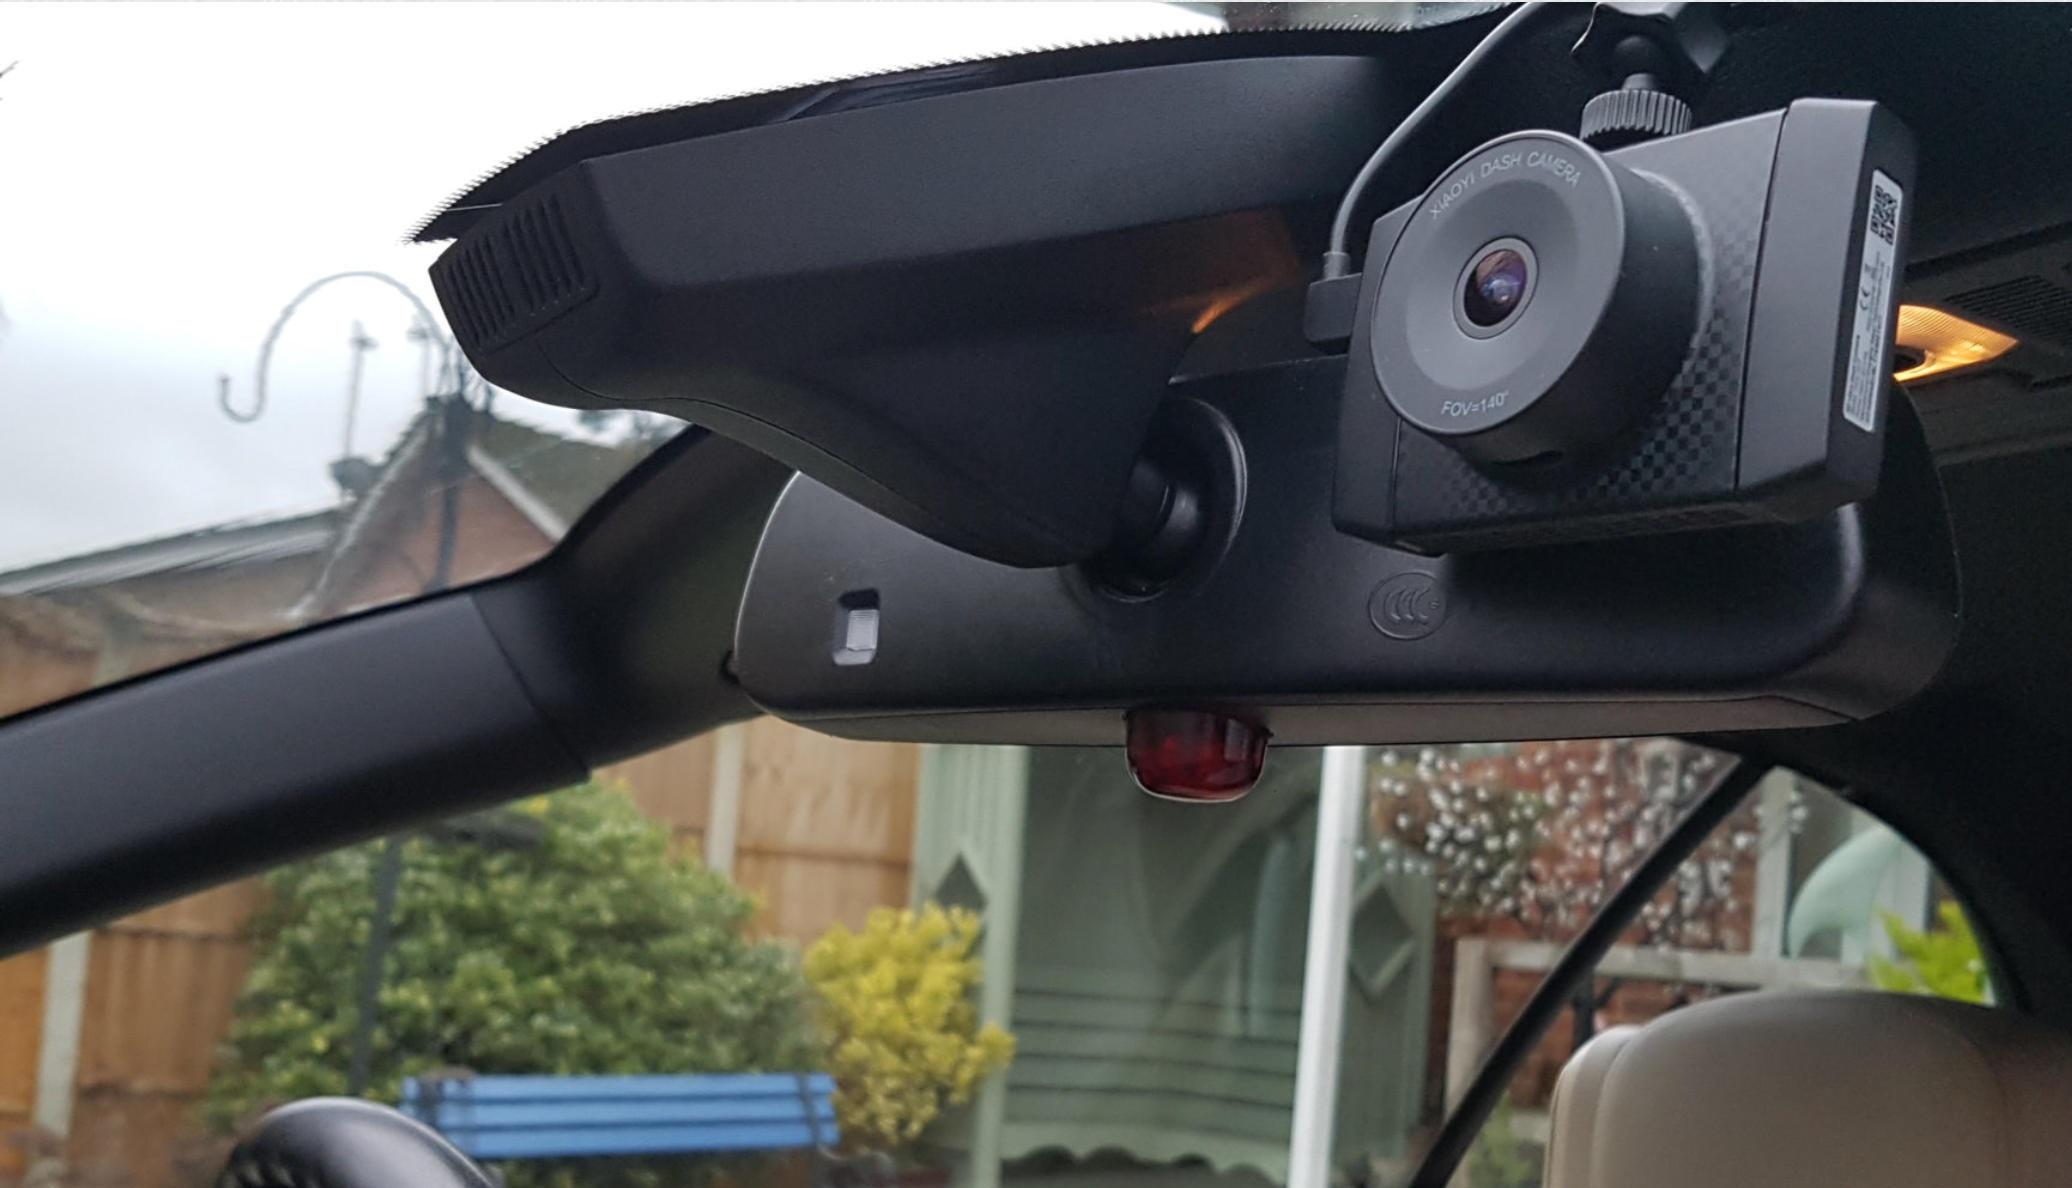 لوازم جانبی دوربین خودرو